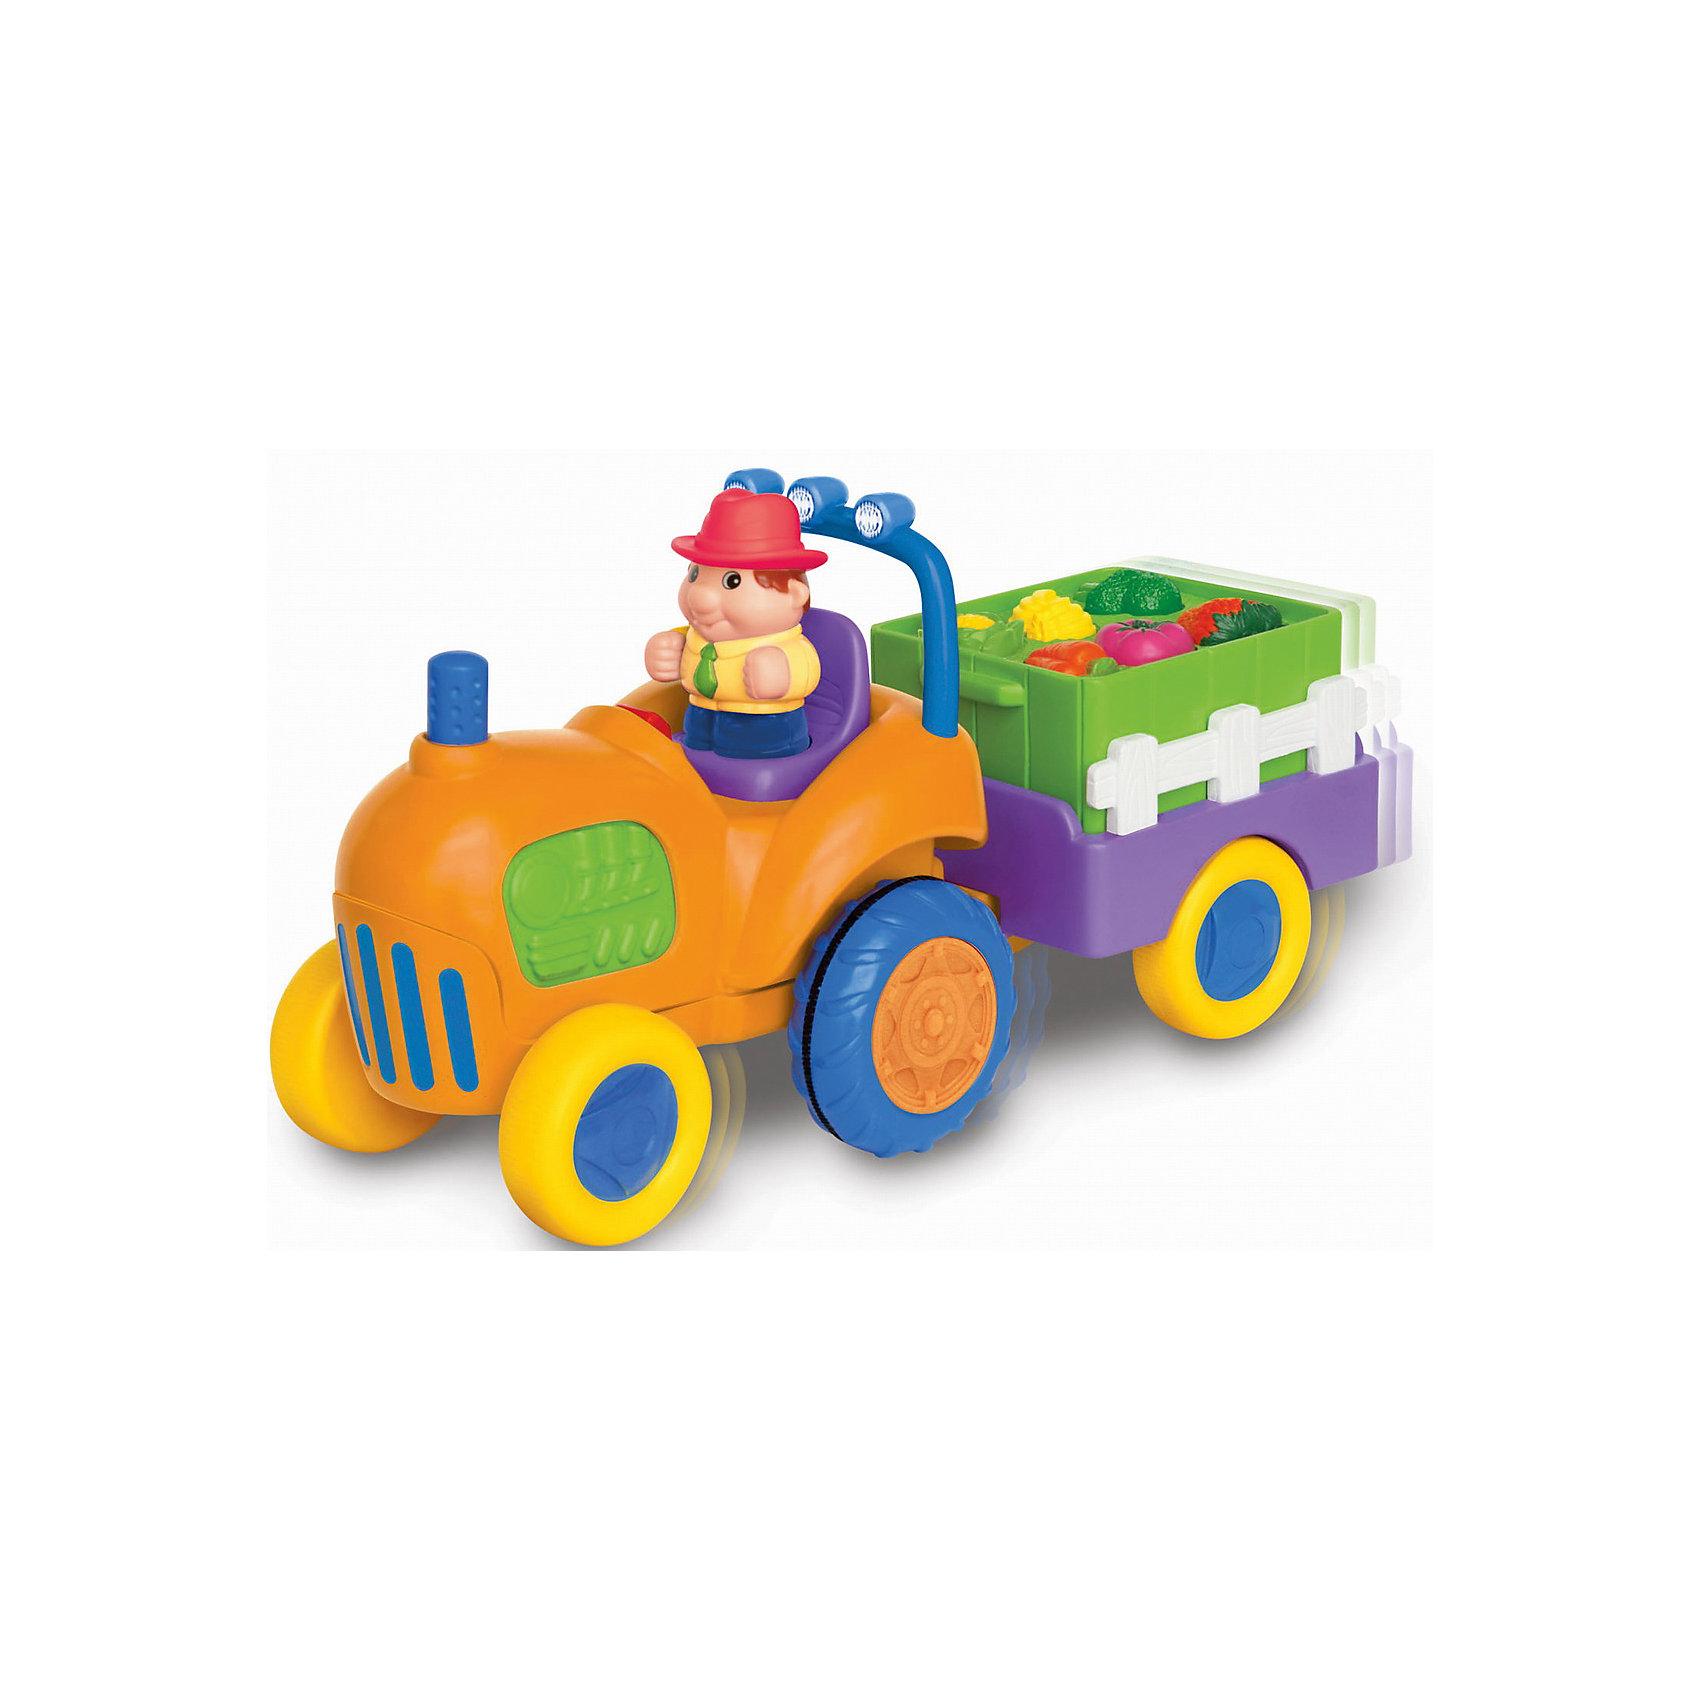 Развивающий игровой центр - трактор с овощами, KiddielandИгровые столики и центры<br>Развивающий игровой центр - трактор с овощами, Kiddieland<br><br>Характеристики:<br>- В набор входит: фигурка фермера, трактор с прицепом, элементы питания<br>- Материал: пластик<br>- Элементы питания: батарейки АА, 4 шт.<br>- Размер упаковки: 18 * 14 * 34,5 см.<br>Развивающий игровой центр в виде трактора с овощами от известного китайского бренда игрушек для детей Kiddieland (Киддилэнд) станет прекрасным подарком для ребенка. Оснащенный звуками и песенками он приведет малыша в восторг! А нажимая на кнопочки с овощами и фруктами в прицепе малыш научится называть их по-английски. В прицепе фермера лежат морковки,  помидорка, цветная капуста, брокколи, клубнички и бананы. Интерактивный трактор ездит, издает звук заведенного мотора, сигналит и включает радио, когда фермер садится за руль. Изготовленная из качественного пластика, разноцветная игрушка способствует развитию восприятия цвета и звука, памяти, воображения, социальных навыков, моторики рук. <br>Развивающий игровой центр - трактор с овощами, Kiddieland  (Киддилэнд) можно купить в нашем интернет-магазине.<br>Подробнее:<br>• Для детей в возрасте: от 1 до 3 лет<br>• Номер товара: 5054074<br>Страна производитель: Китай<br><br>Ширина мм: 340<br>Глубина мм: 180<br>Высота мм: 140<br>Вес г: 1100<br>Возраст от месяцев: 12<br>Возраст до месяцев: 36<br>Пол: Унисекс<br>Возраст: Детский<br>SKU: 5054074